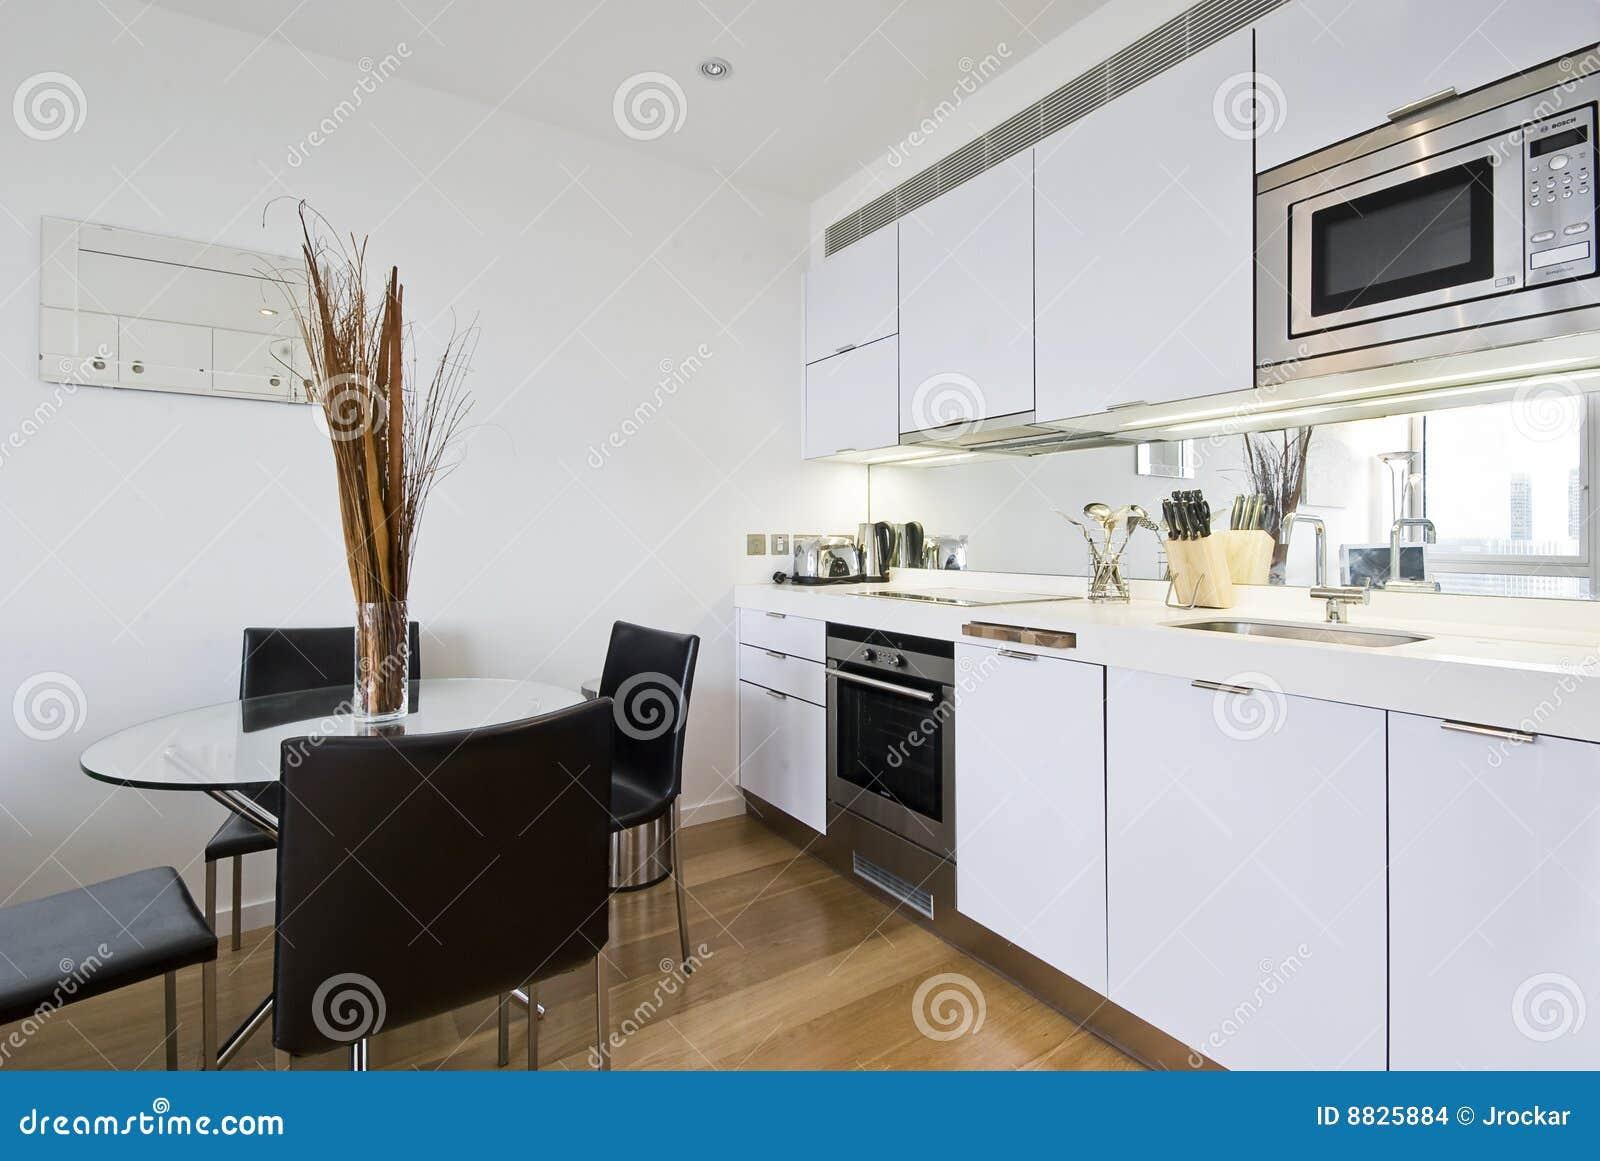 Keuken Met Eettafel Stock Afbeeldingen - Afbeelding: 8825884